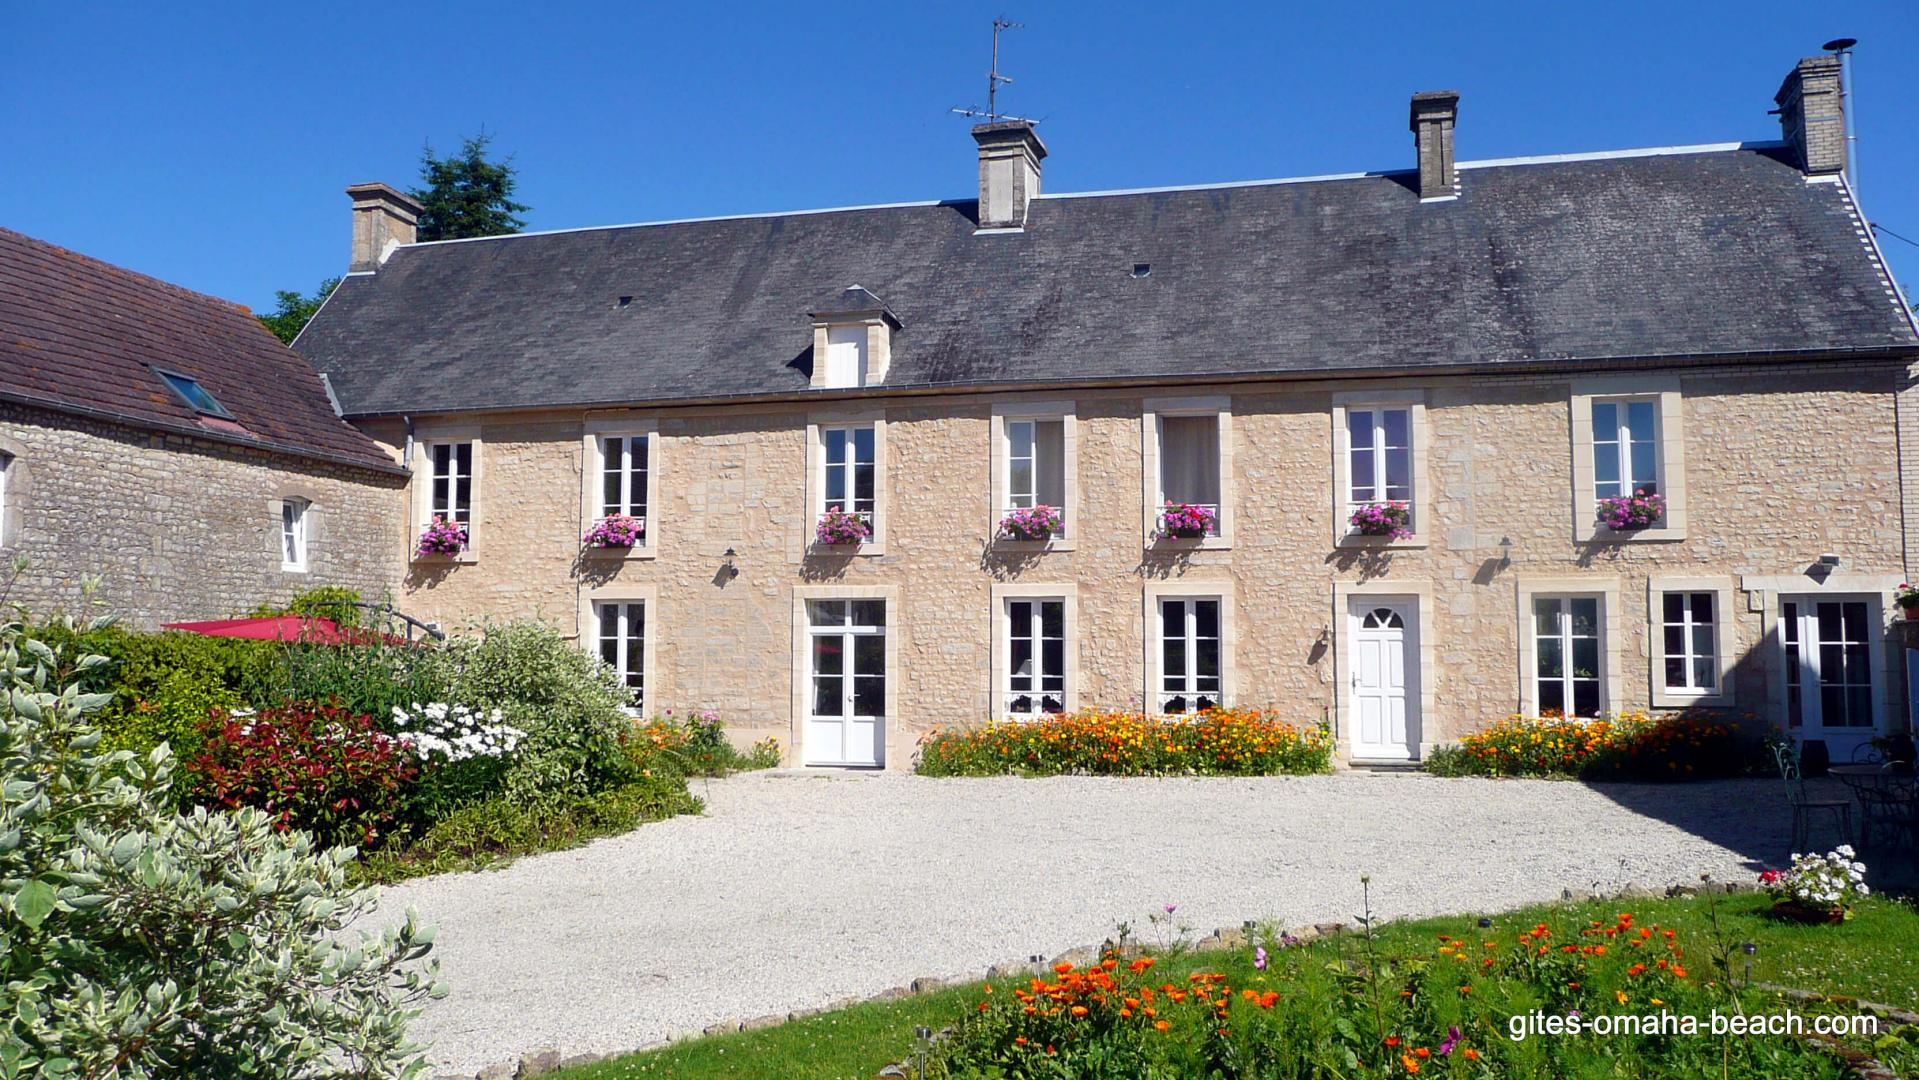 La maison d'hôtes et la cour principale